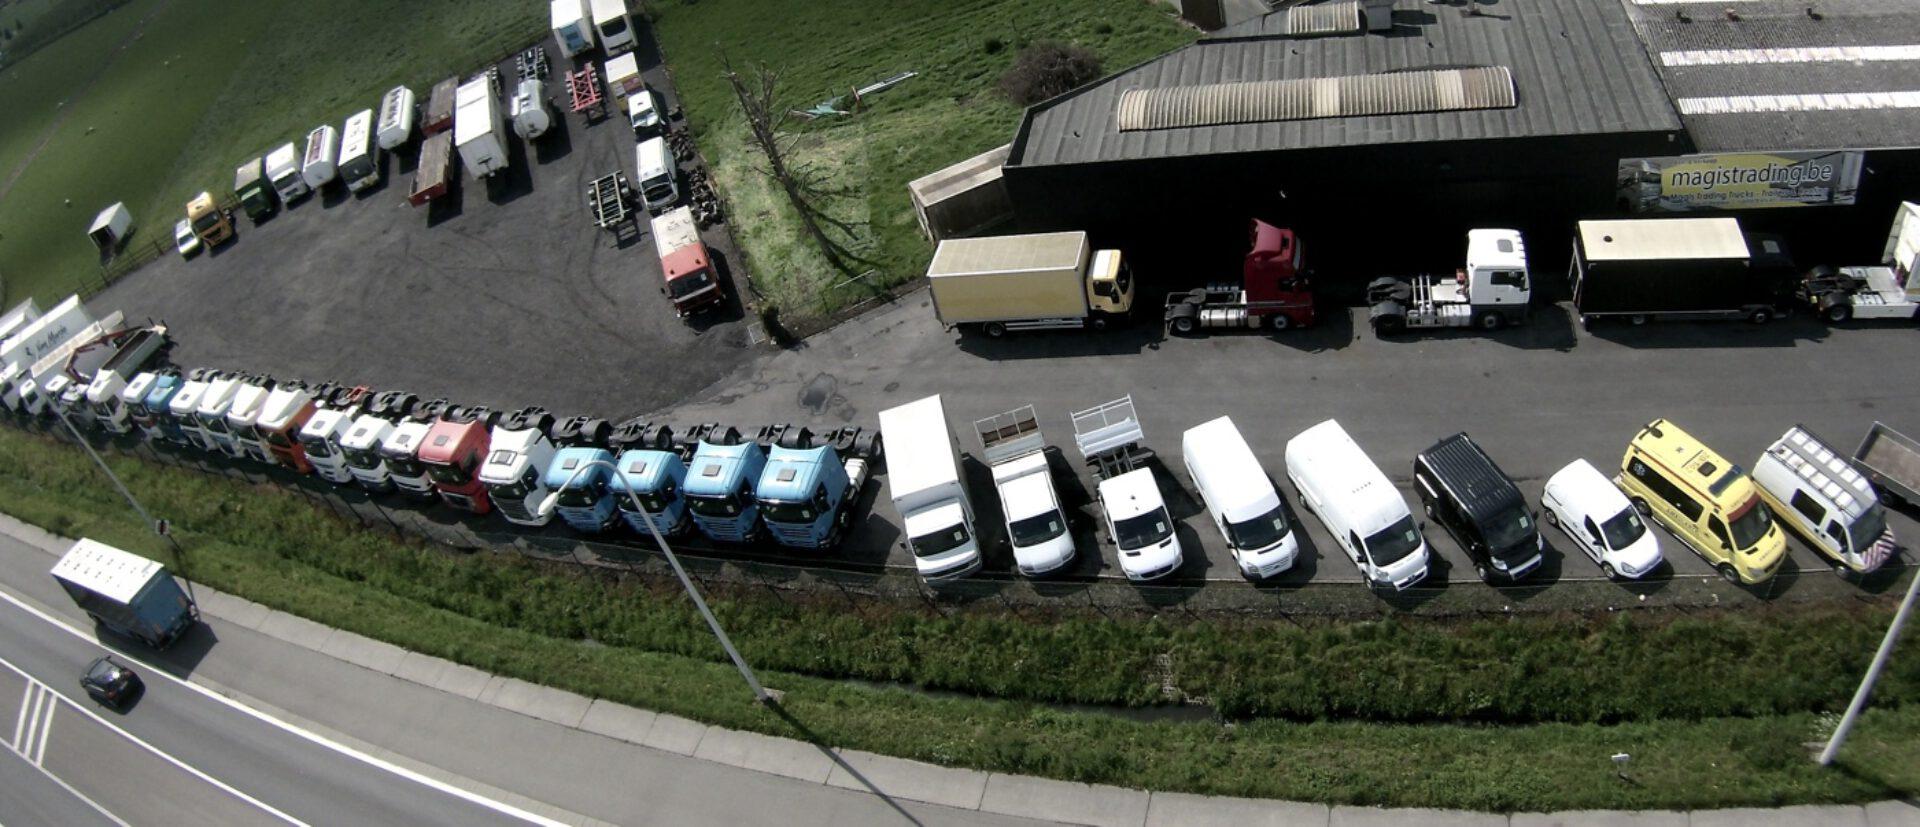 Large gamme de camions d'occasion